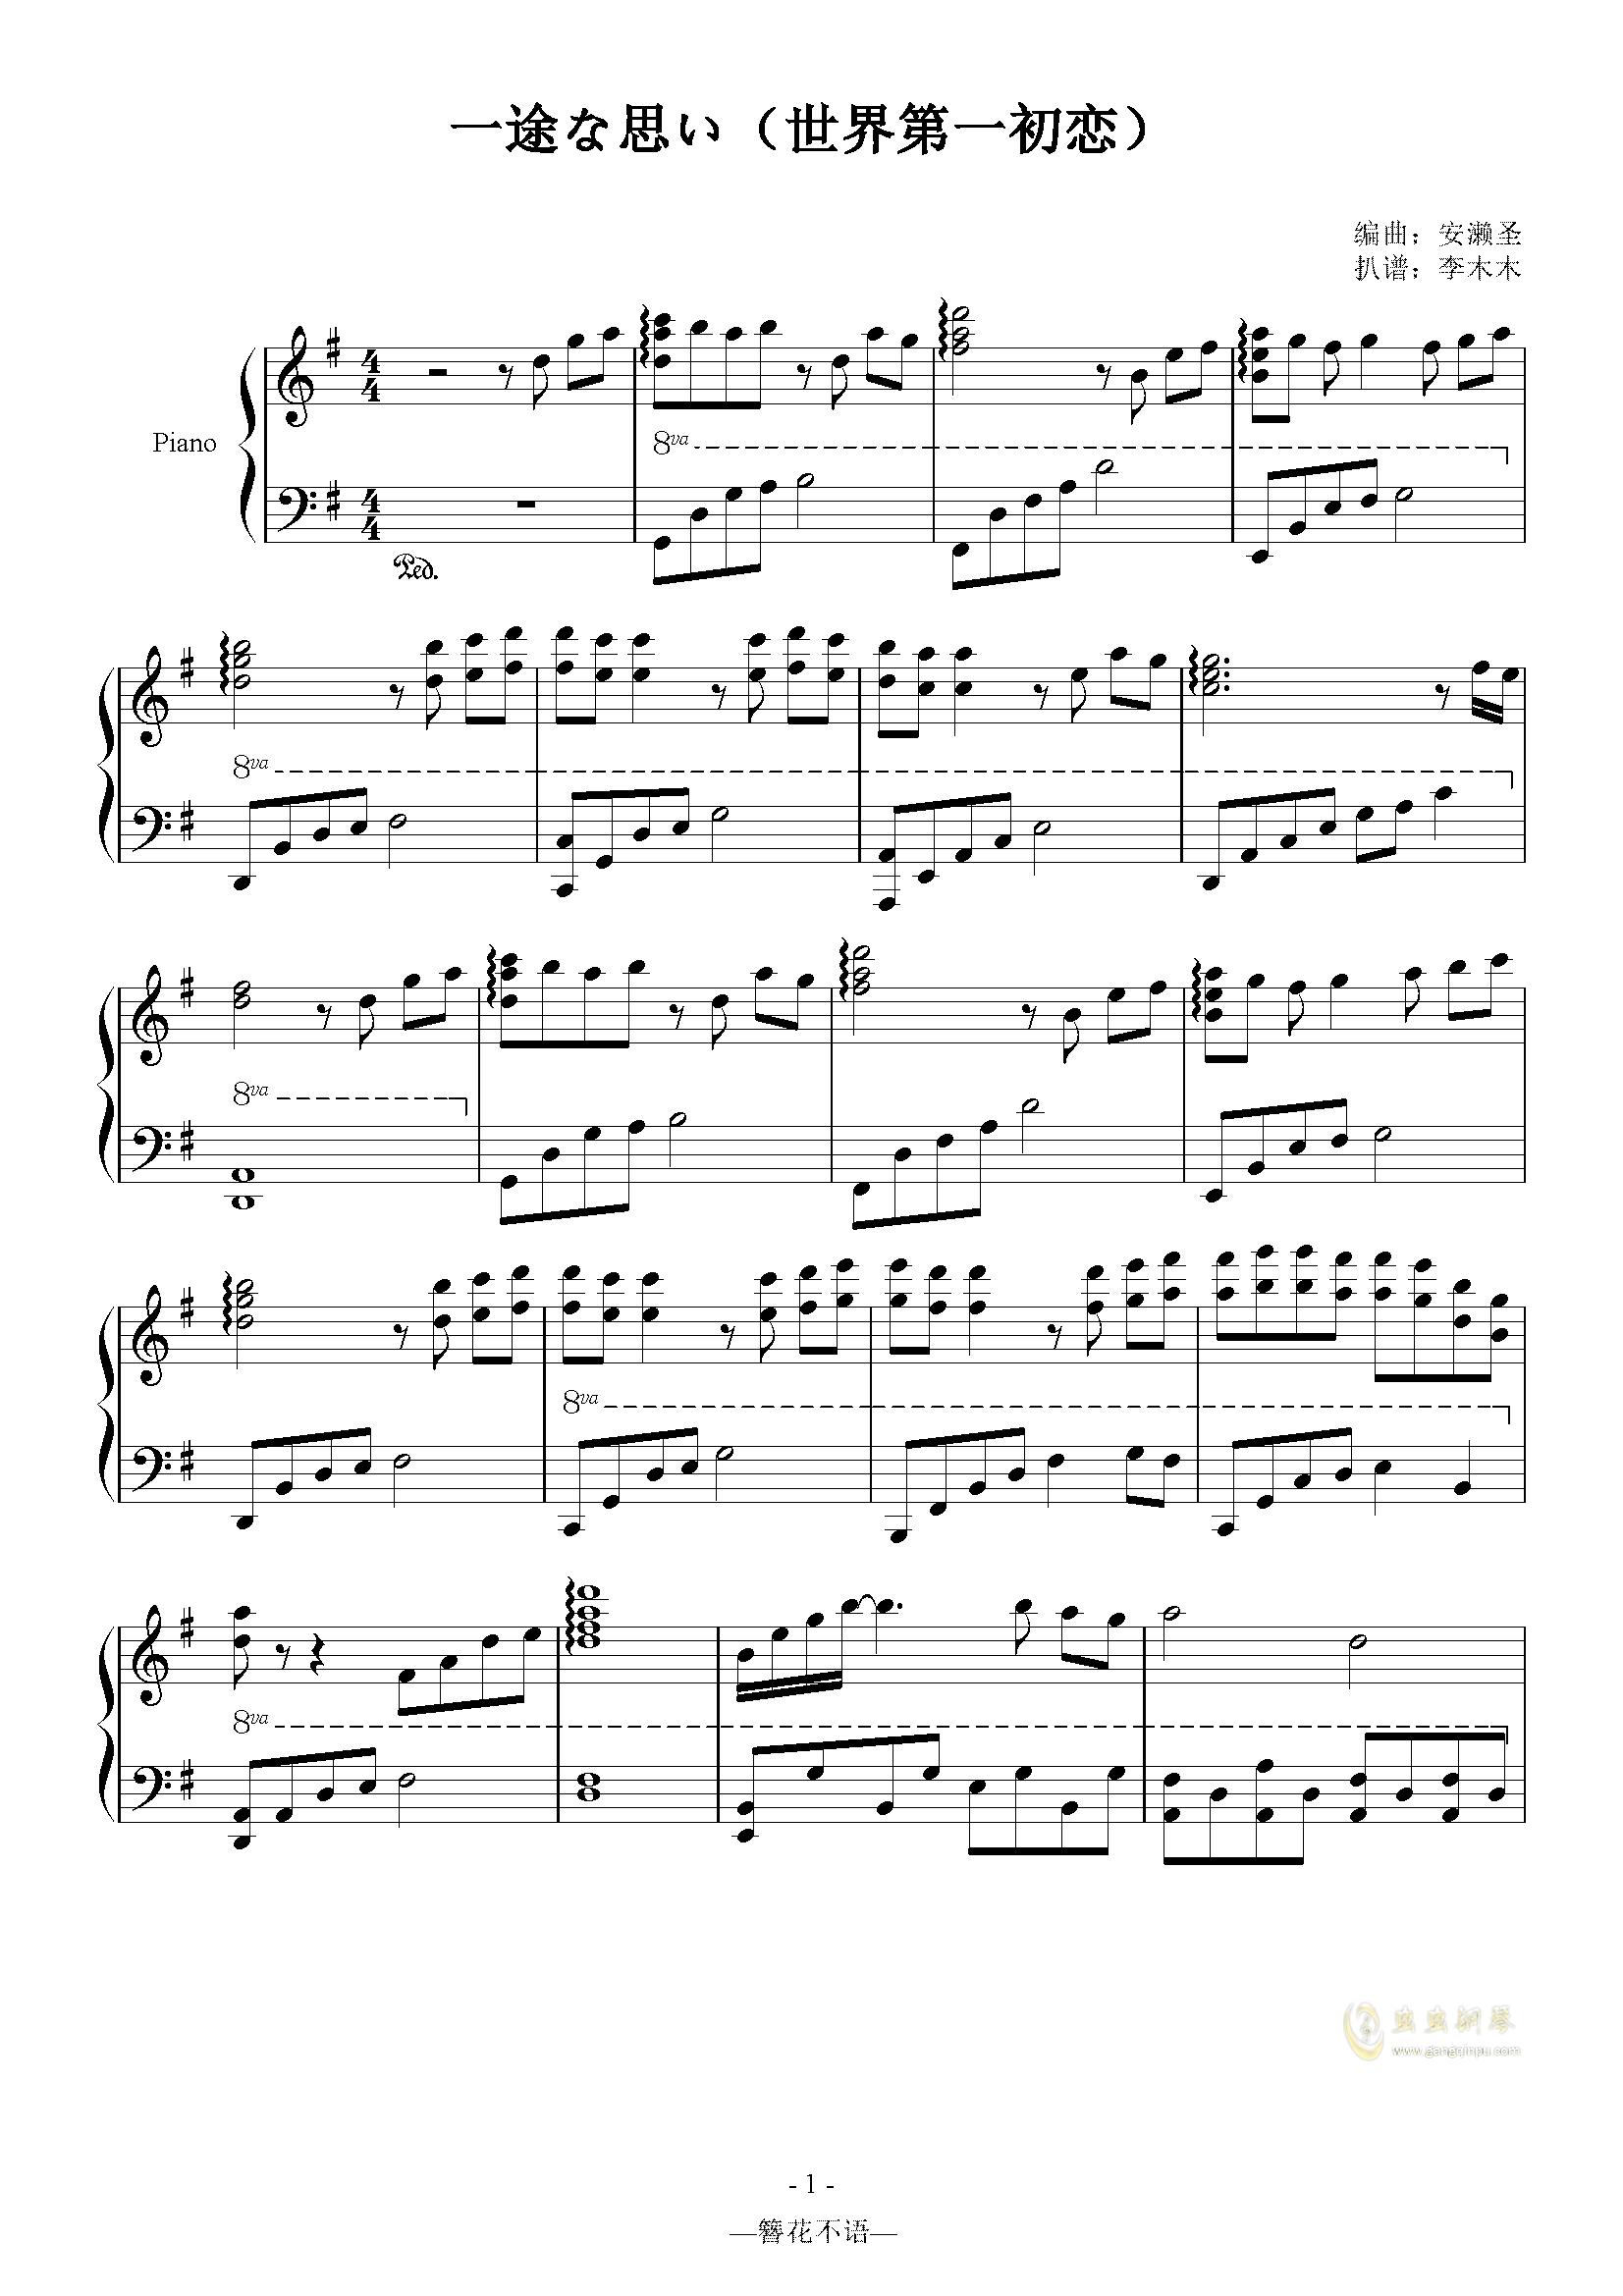 一途な思い世界第一初恋钢琴谱 第1页